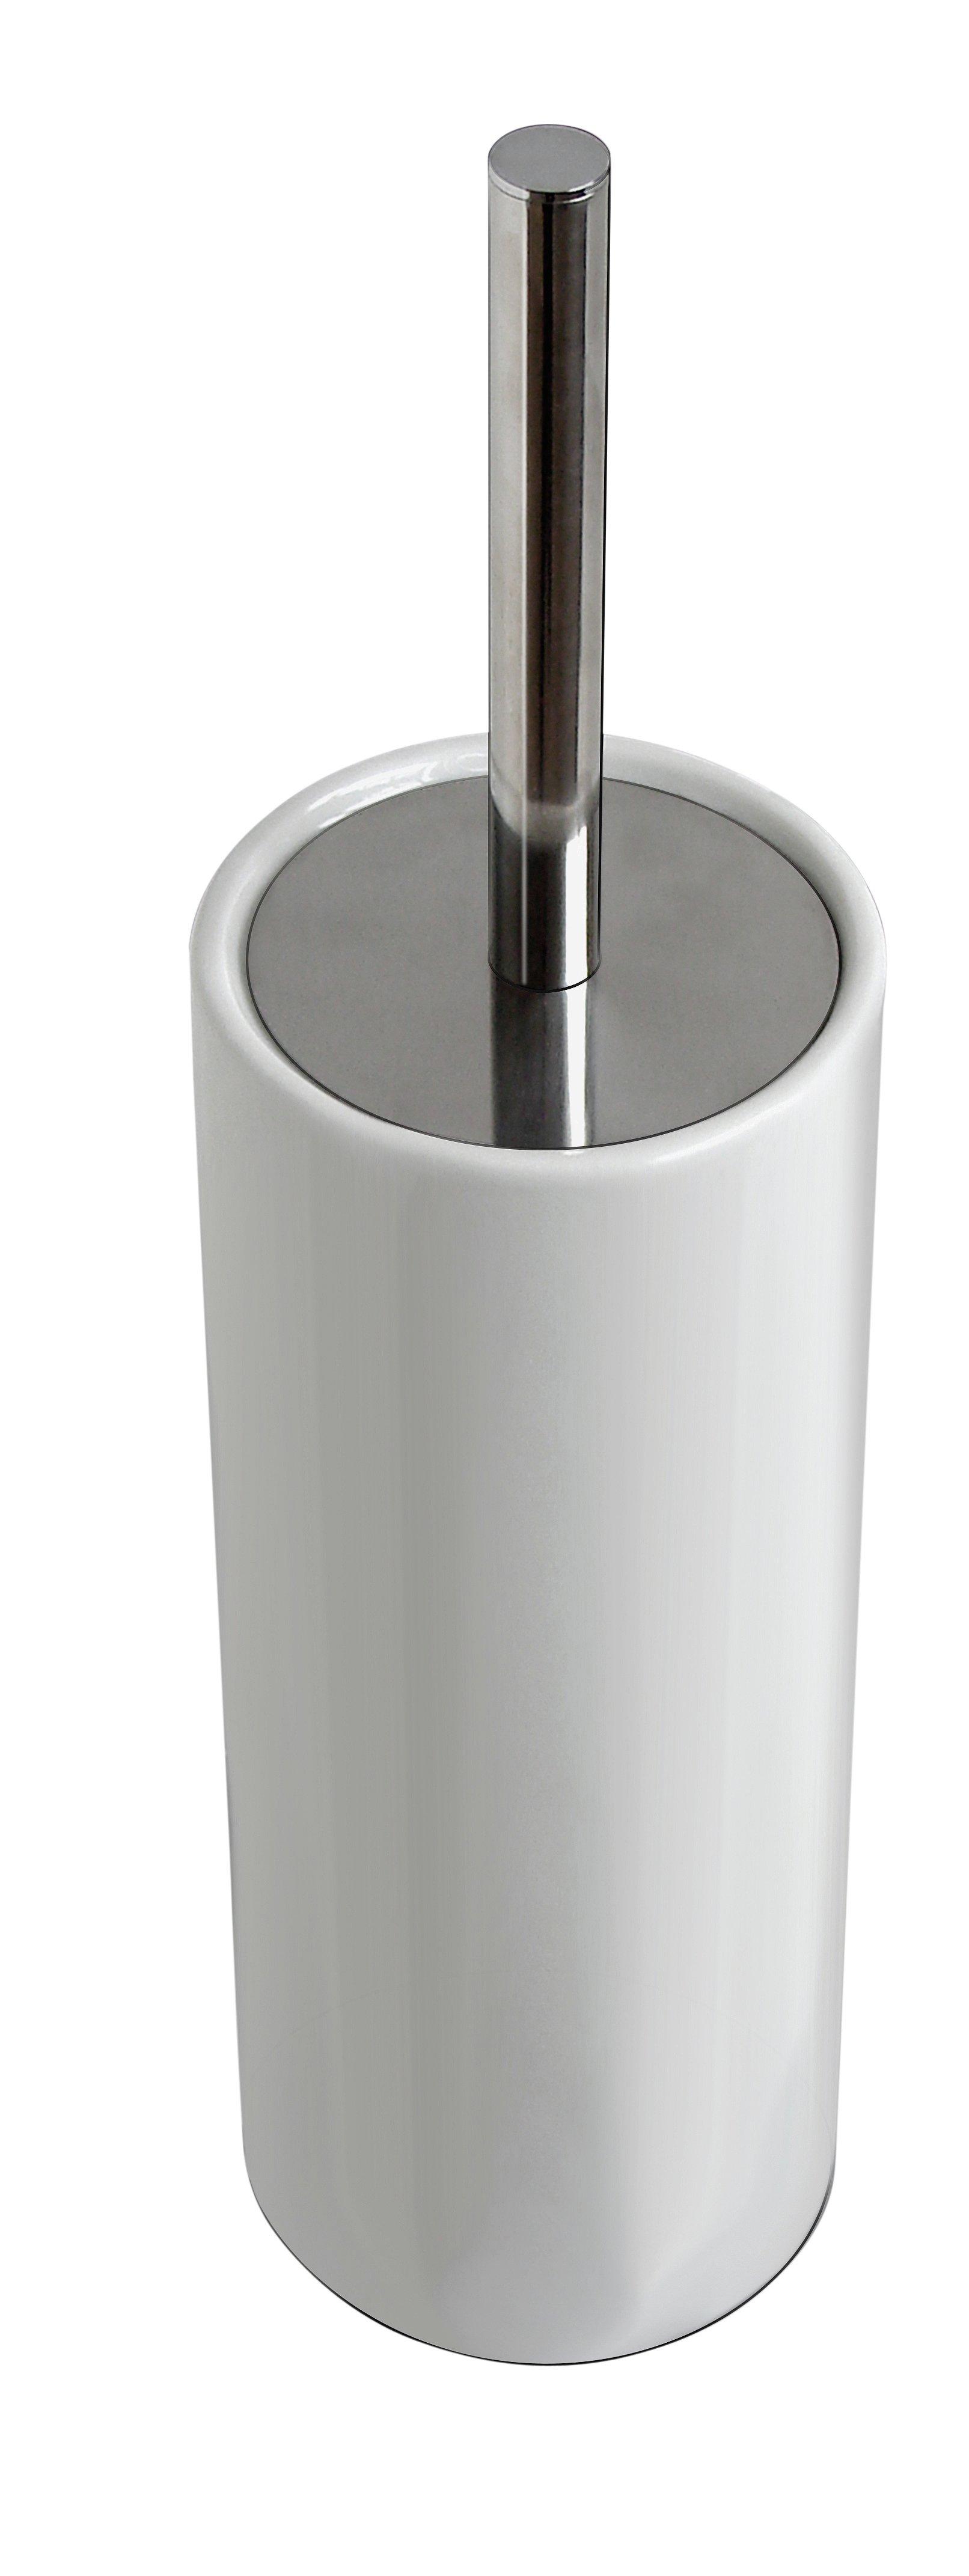 Argos Home Ceramic Toilet Brush Holder White 4625106